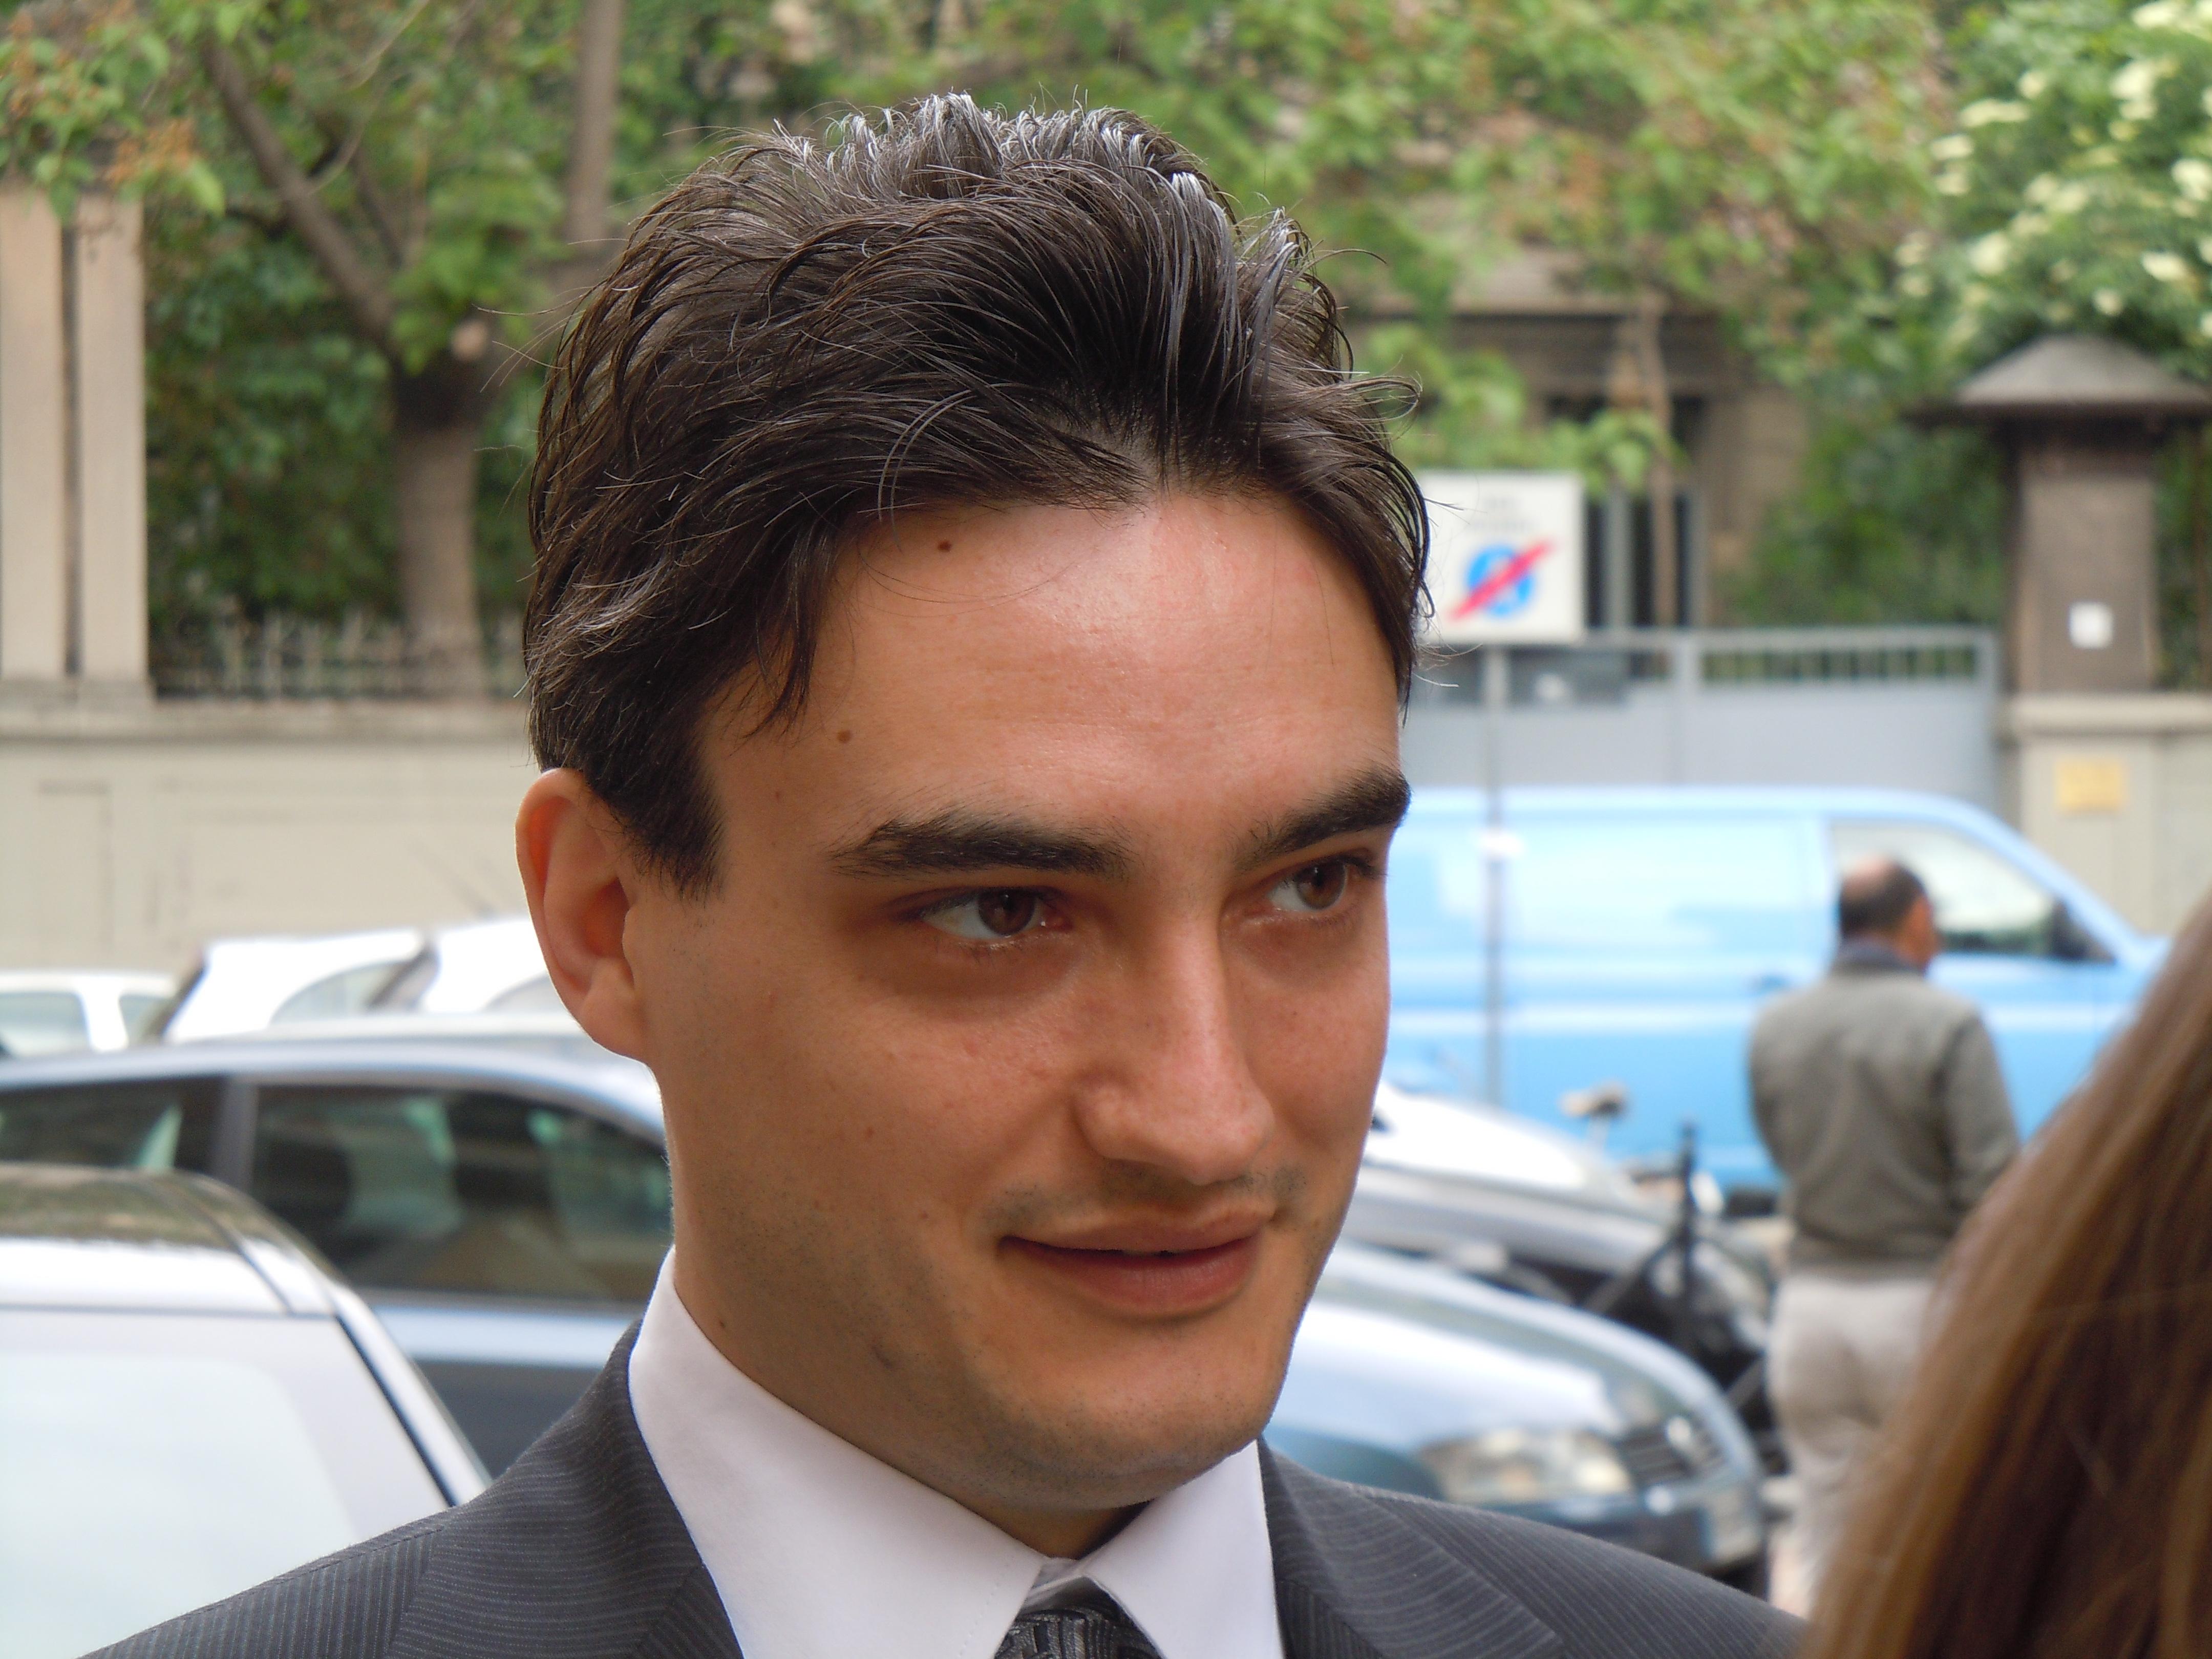 """Carceri, migranti, social media ed Europa: al via a maggio le puntate di """"Uomini e Profeti"""" condotte da Alberto Guasco"""